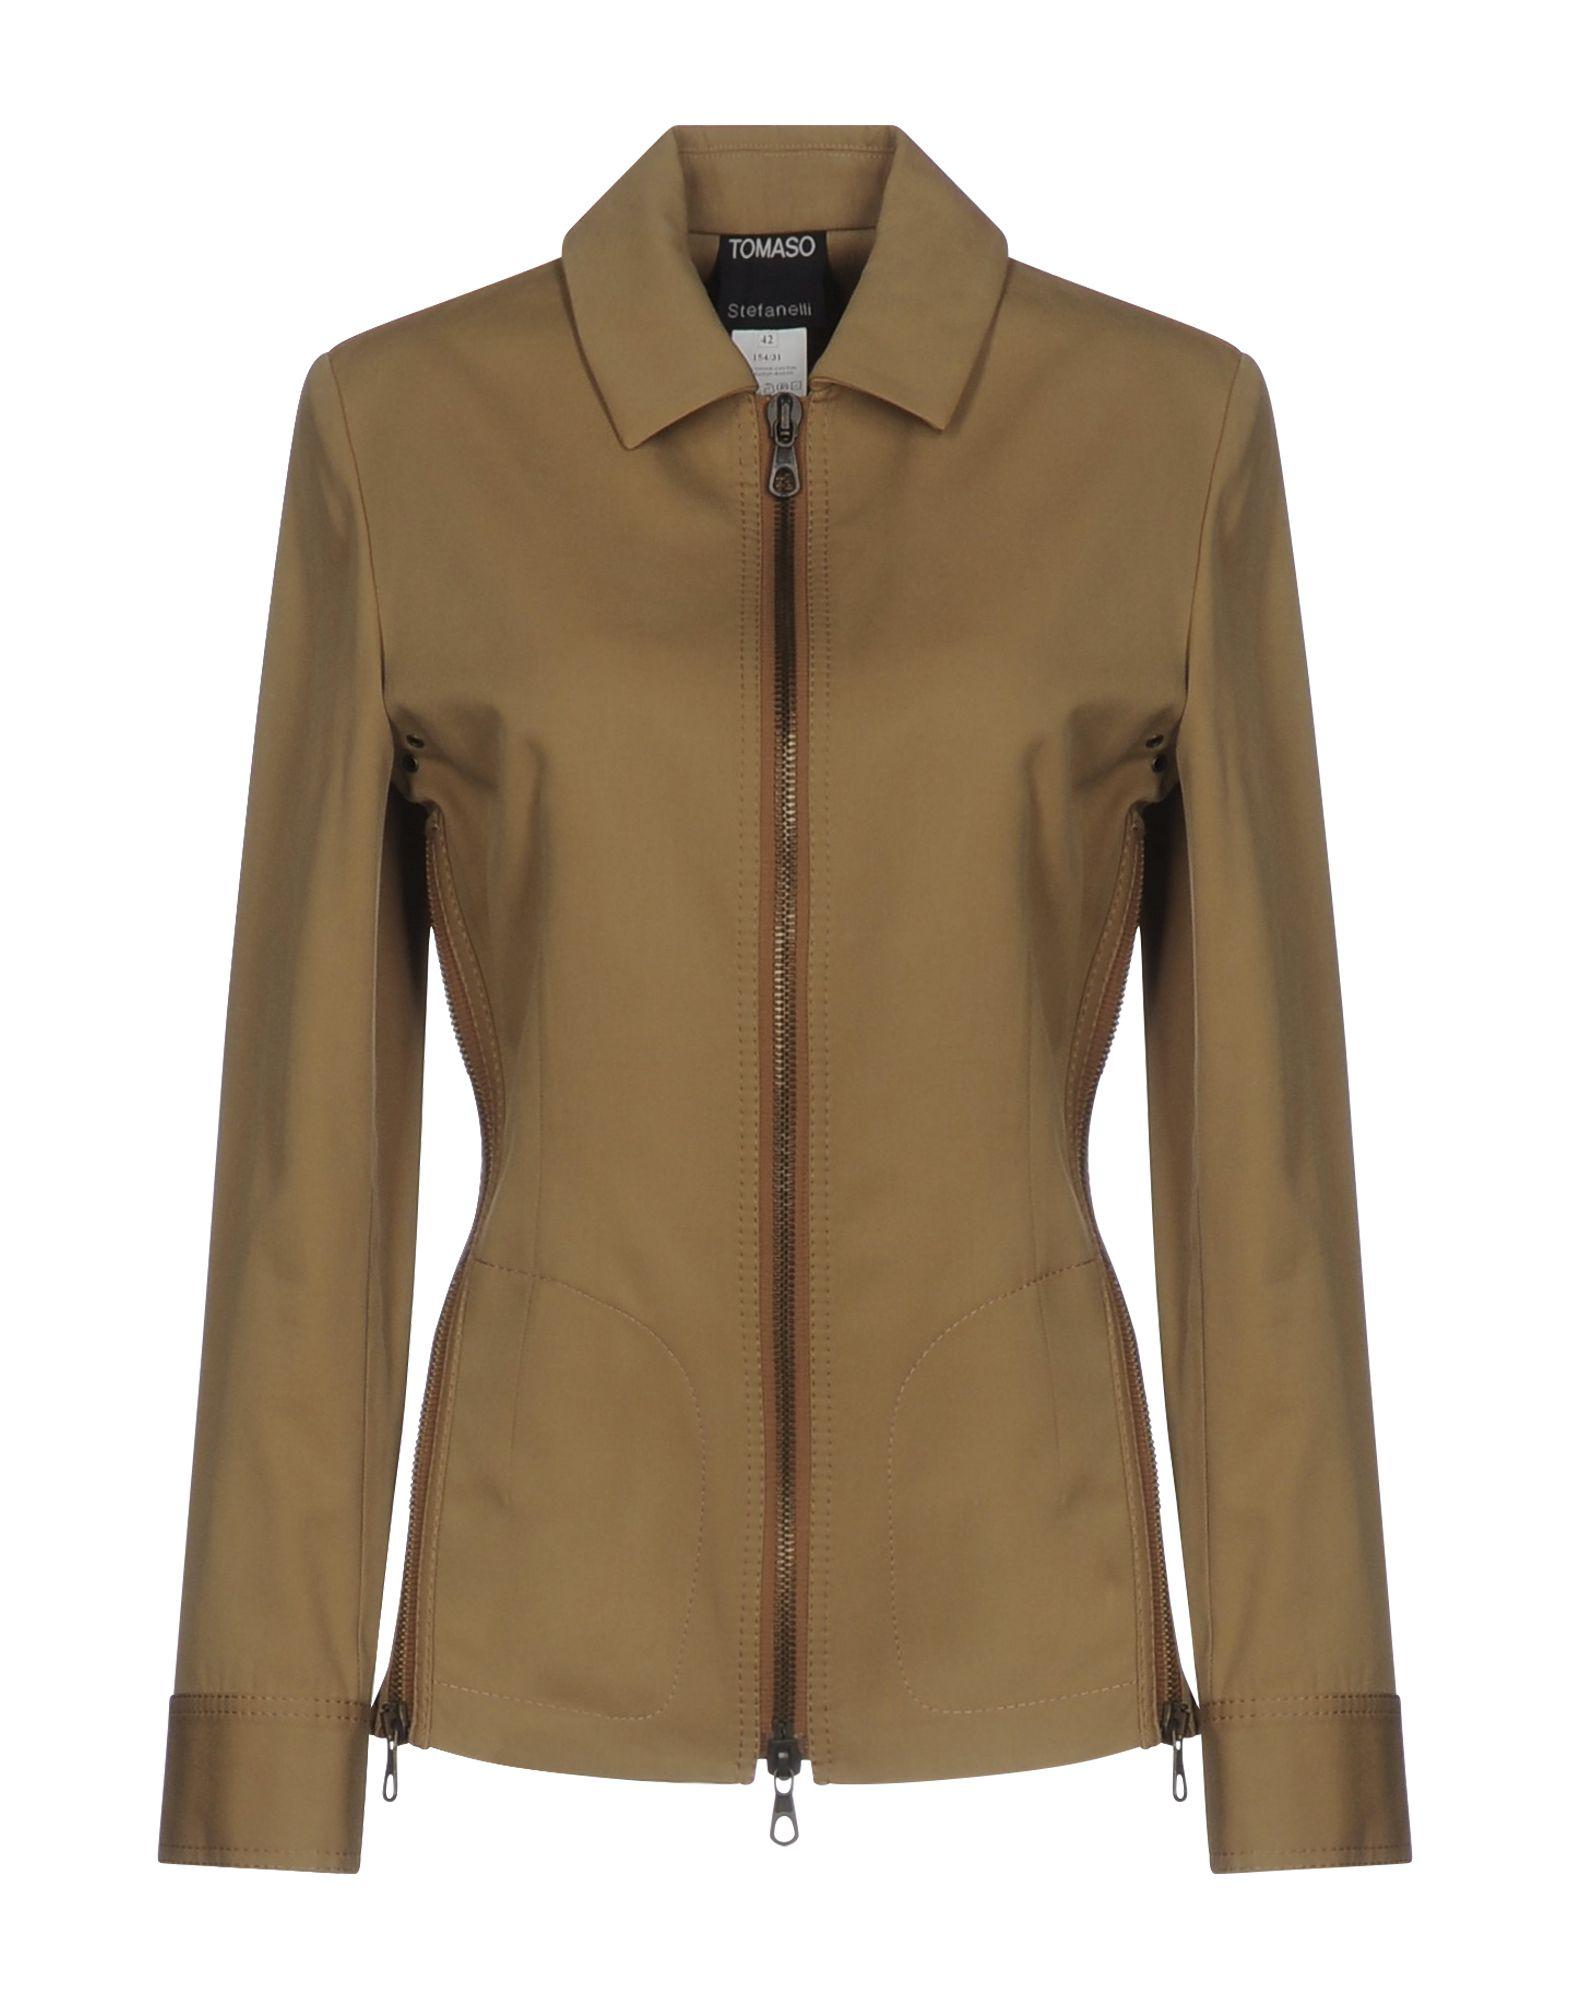 TOMASO STEFANELLI Куртка tomaso куртка